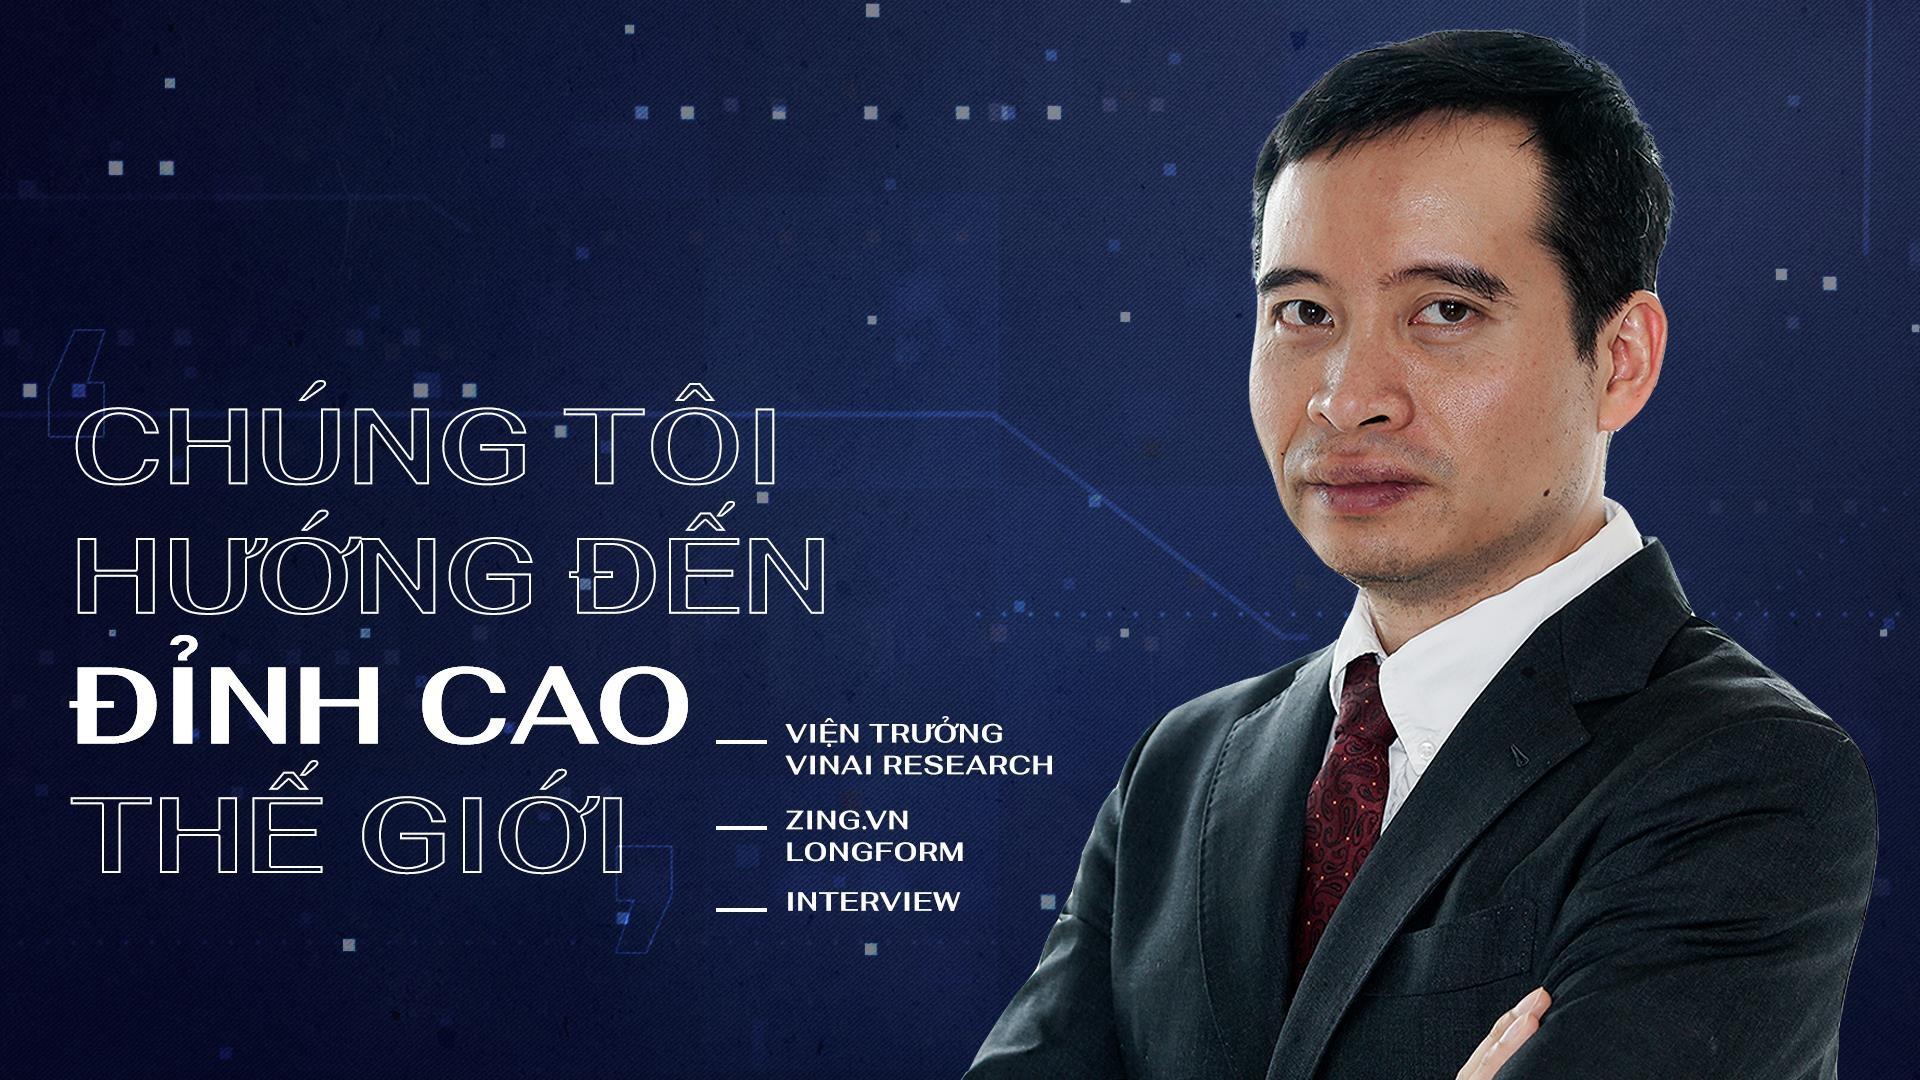 Vien truong VinAI Research: 'Chung toi huong den dinh cao the gioi' hinh anh 2